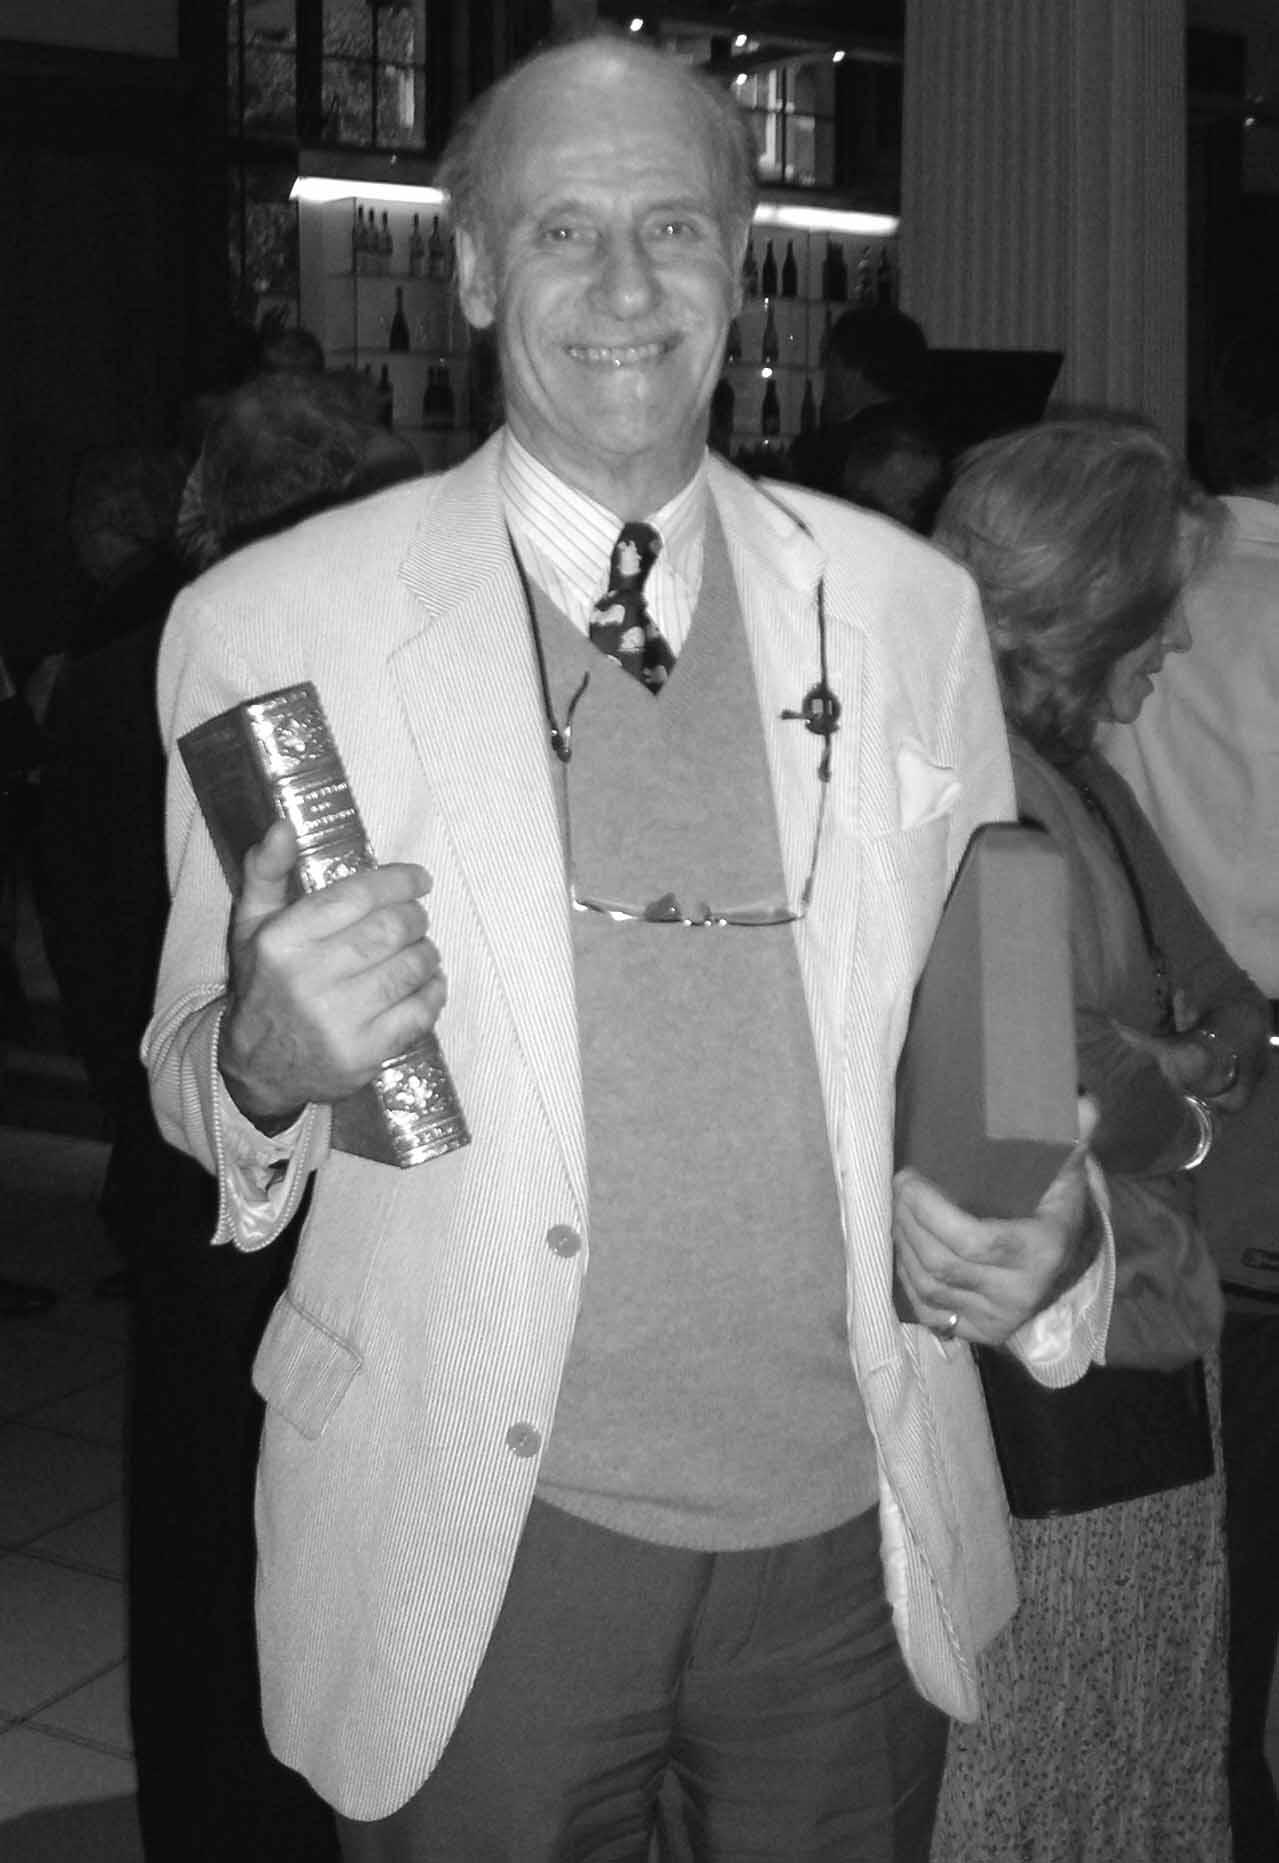 Paul Minet, June 2008